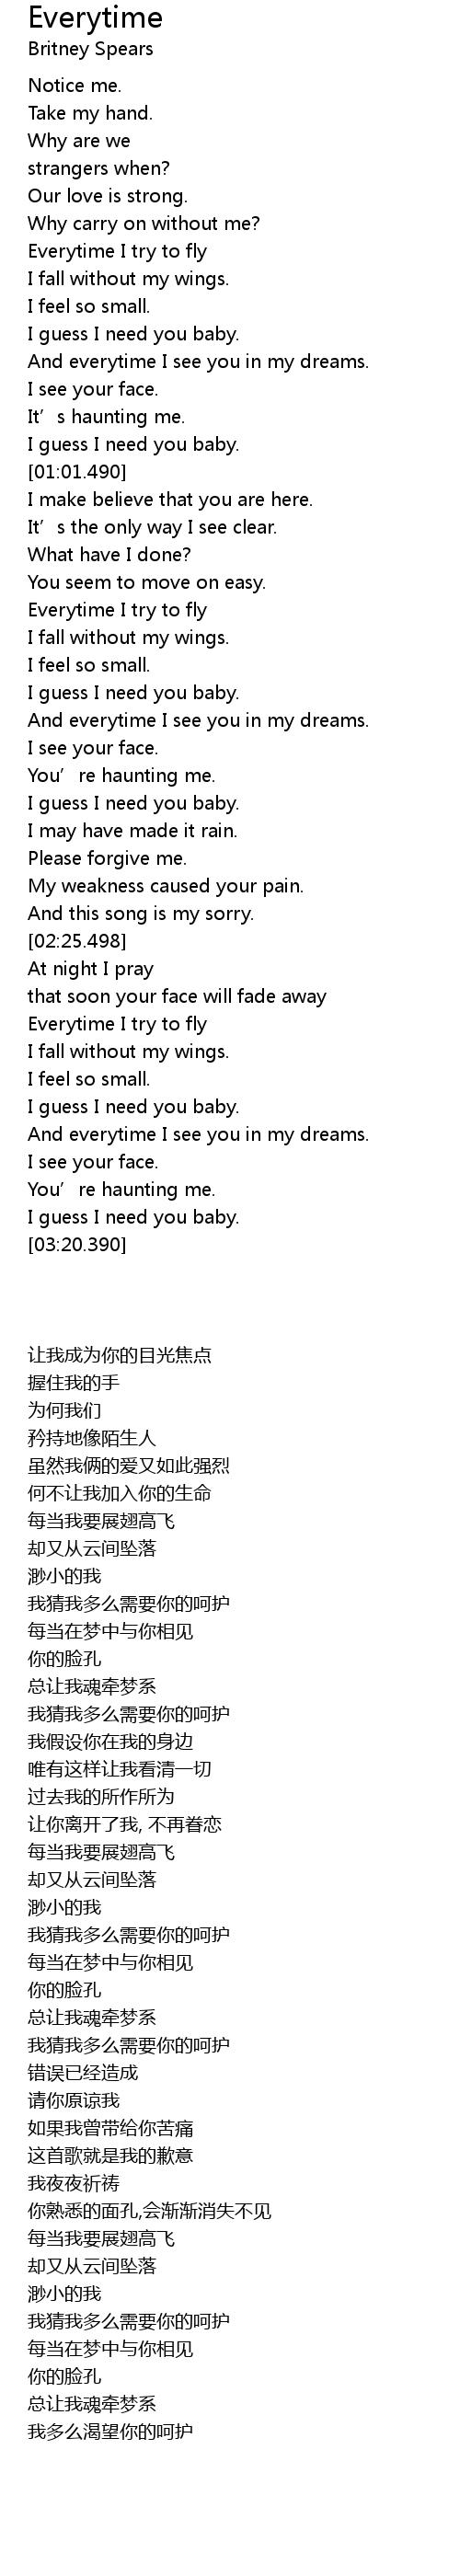 Everytime Lyrics Follow Lyrics